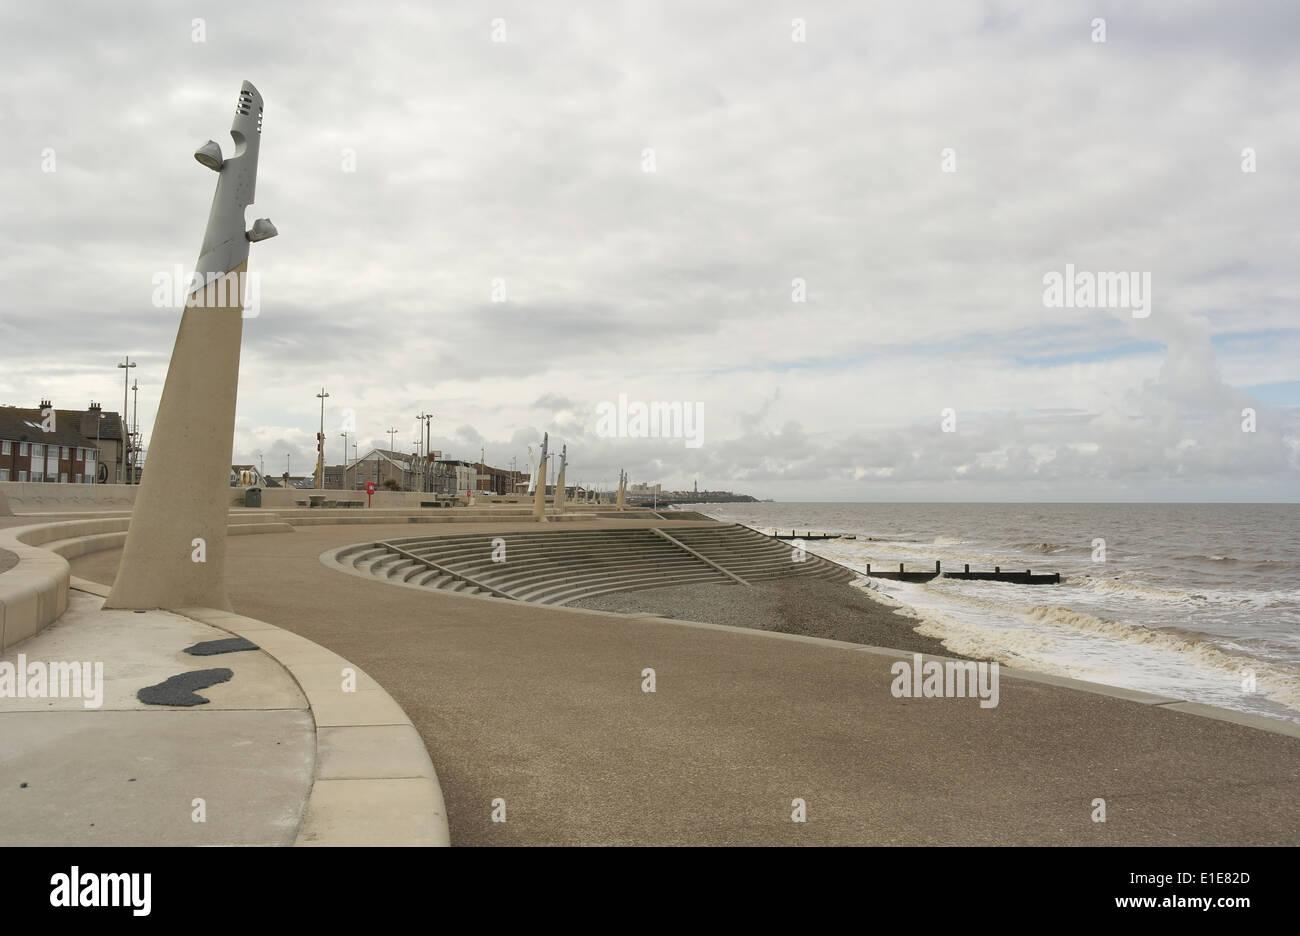 Graue Wolken sehen, Süden nach Blackpool, Trendwende Promenade mit reich verzierten Lampen und küstennah Stockbild